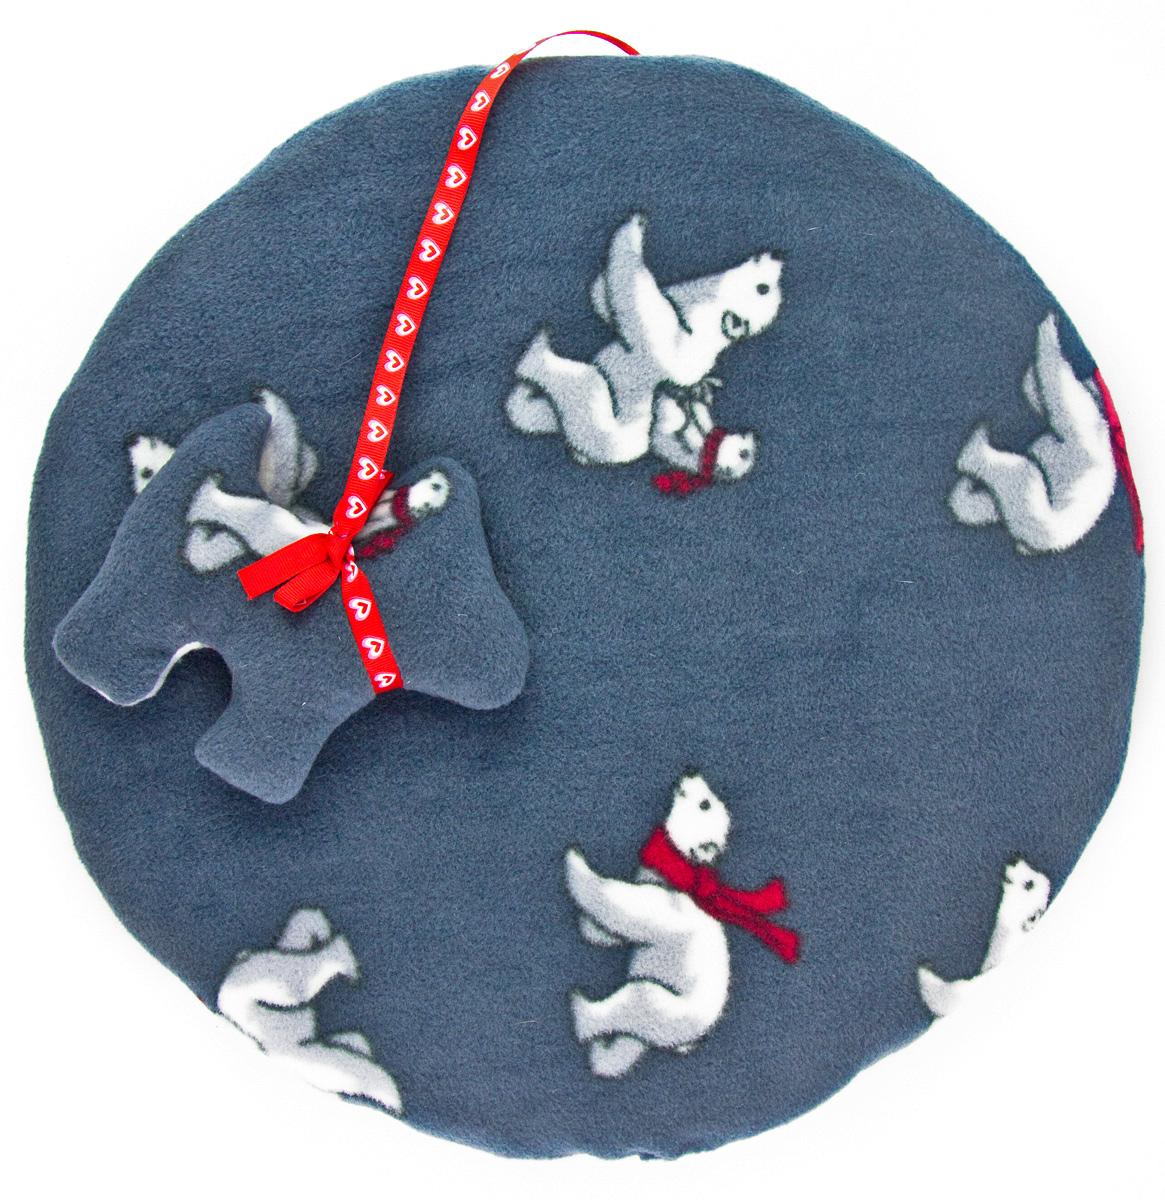 Лежак-коврик для животных Zoobaloo Мишки, с игрушкой, 60 х 60 см1164Великолепный флисовый лежак-коврик Zoobaloo - это отличный аксессуар для вашего питомца, на котором можно спать, играться и снова, приятно устав, заснуть. Он идеально подходит для полов с любым покрытием. Изделие поддерживает температурный баланс вашего питомца в любое время года. Наполнитель выполнен из синтепона.